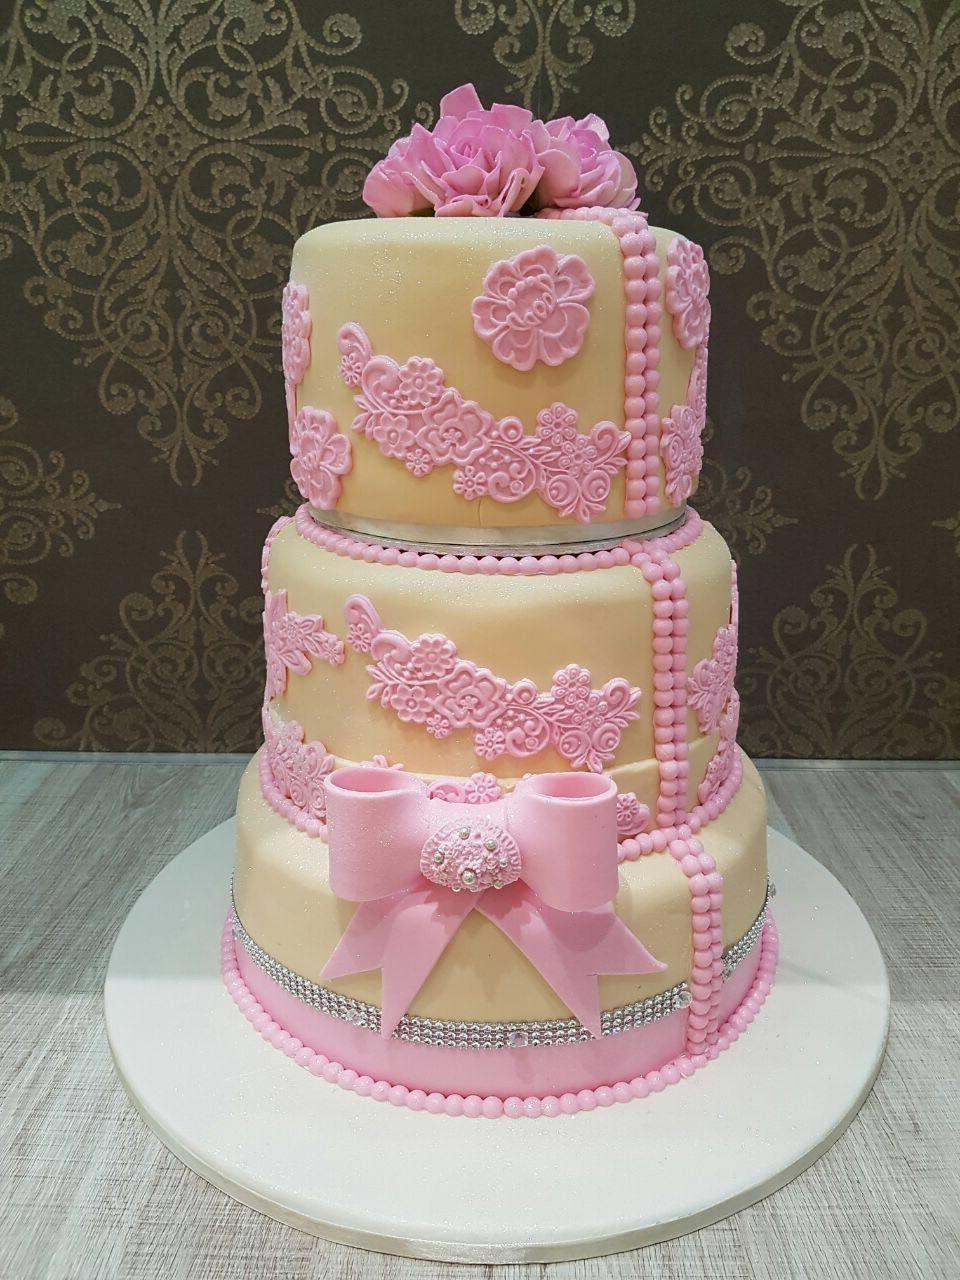 Wedding Cakes Pretoria Cbd | Wedding Dress | Pinterest | Pretoria ...